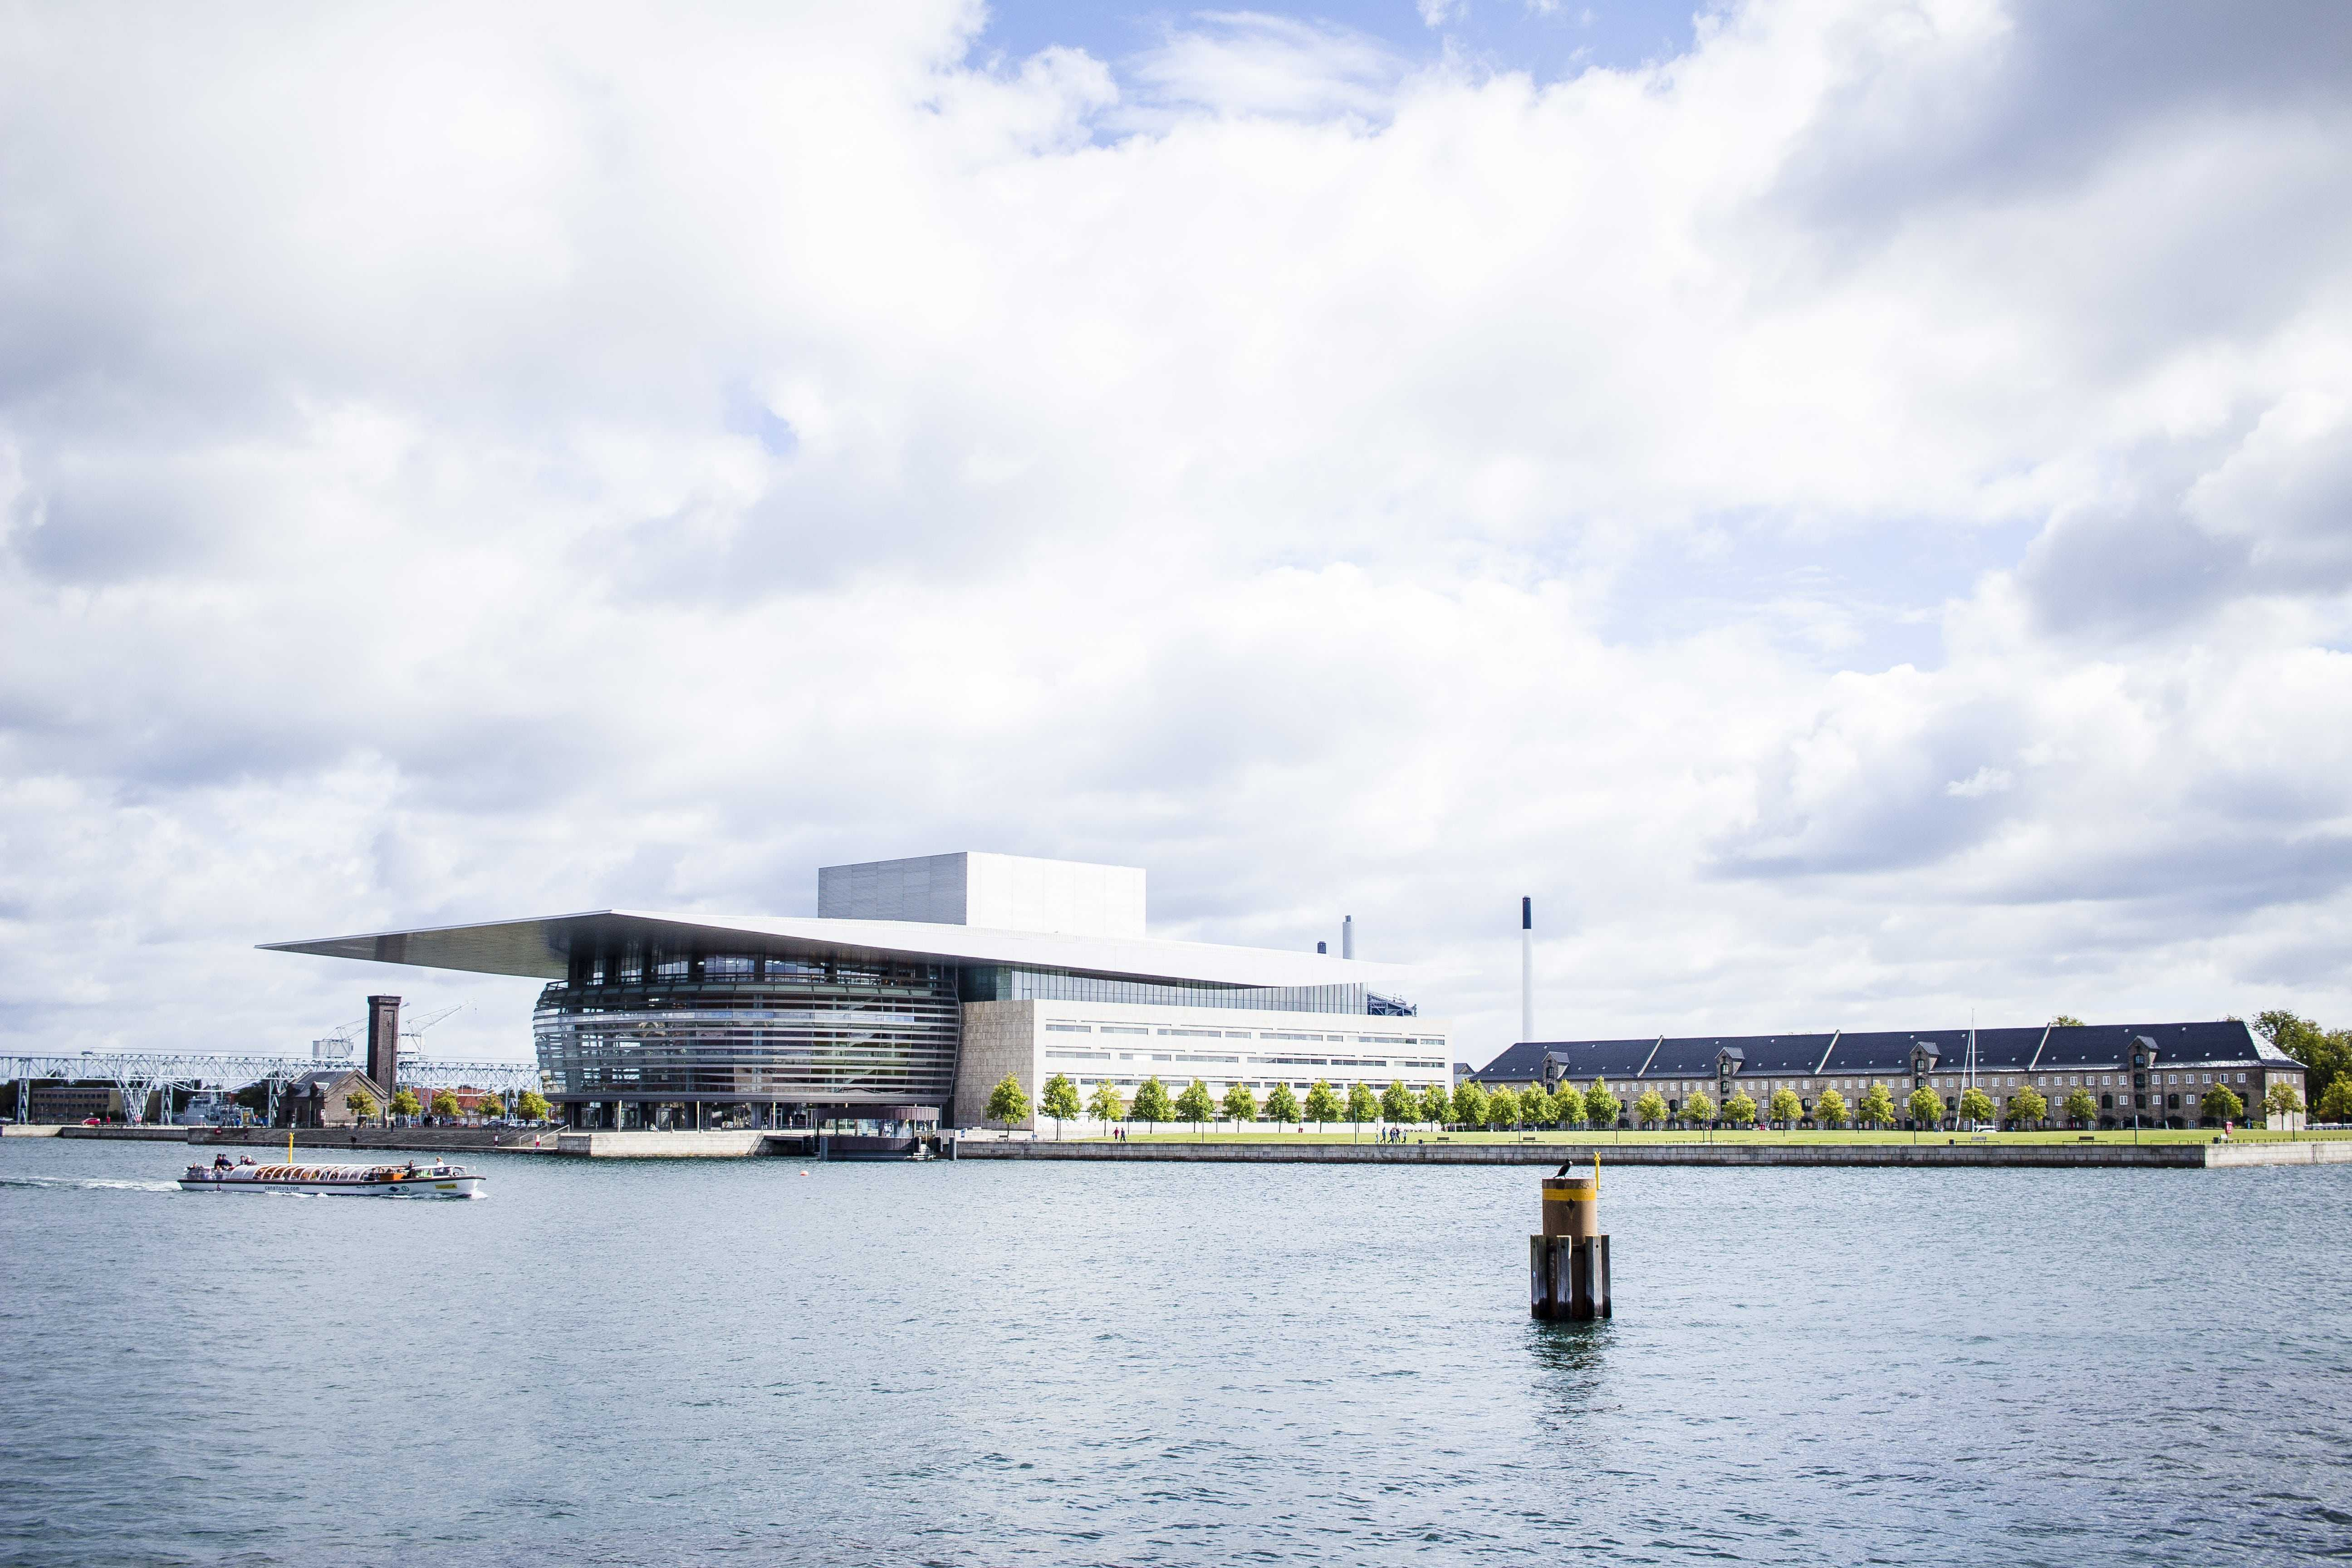 K této budově se váže také docela vtipná historie. Nechal ji totiž postavit pan Maersk, aby ji posléze věnoval městu. Dobrý skutek nebyl jen tak dobrým skutkem, protože hodnotu budovy si následně odepsal z daní.